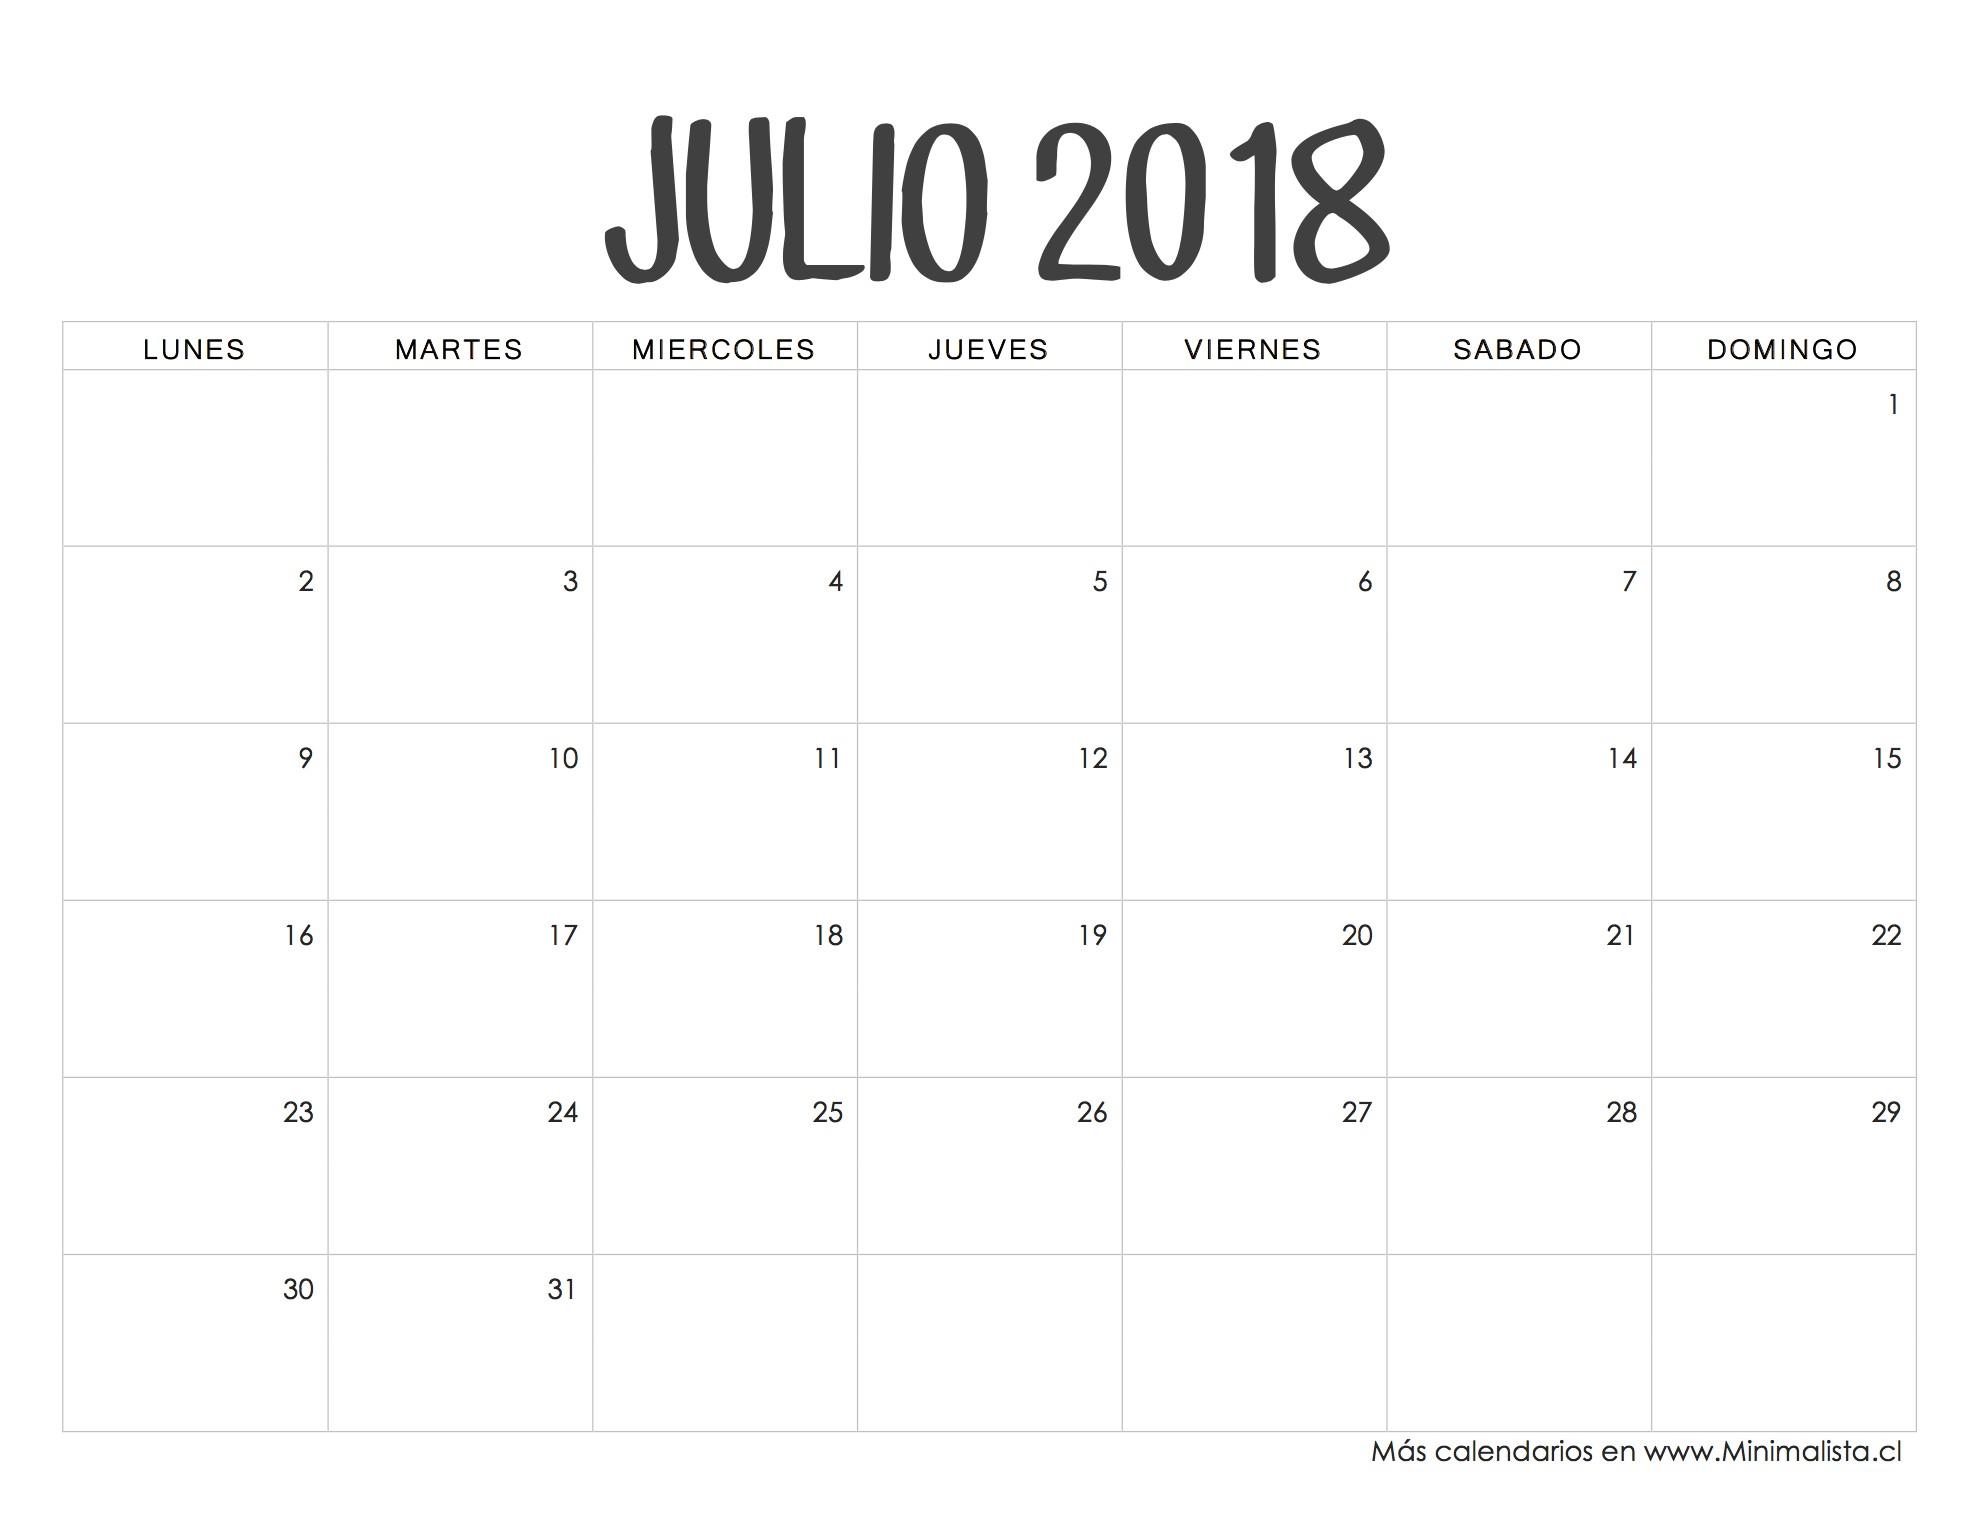 Calendario 2019 Usa Con Feriados Más Recientemente Liberado Calendario Julio 2019 Manualidades Pinterest Of Calendario 2019 Usa Con Feriados Actual Kalendář Na Rok 2019 T½den Začná V Neděli Åablona Návrhu Å¡ablony